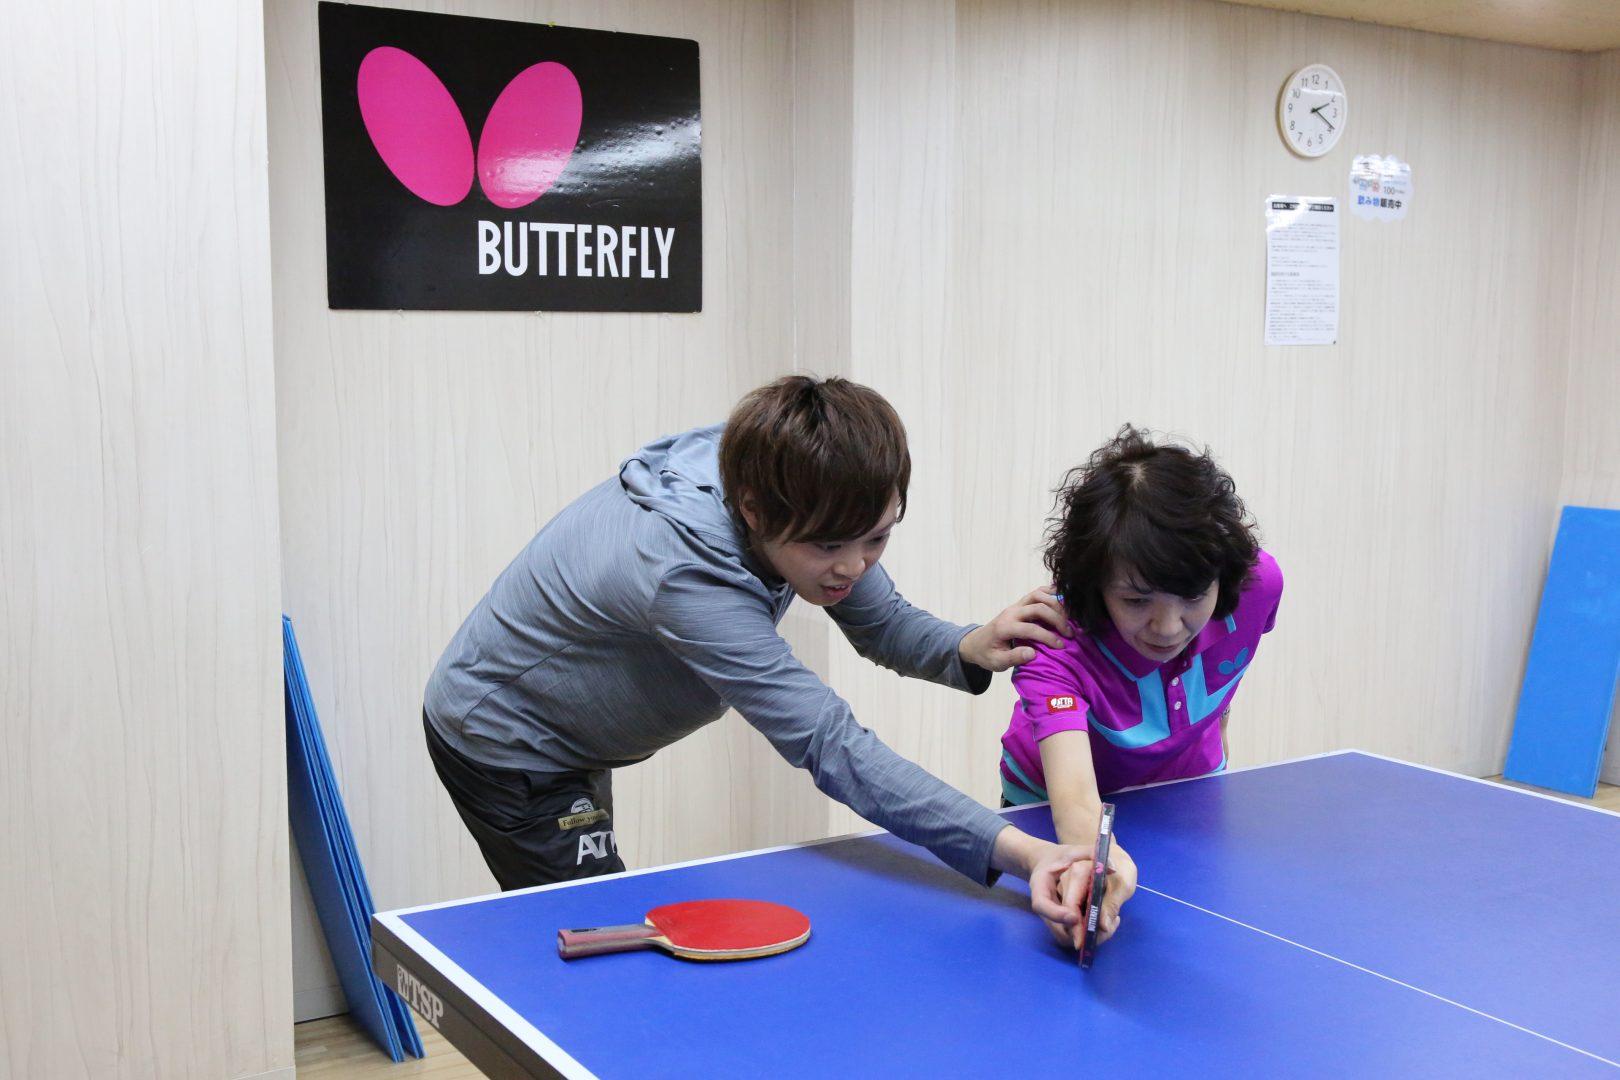 【大阪・卓球場/ショップ】卓球センター.JPがコーチ、販売スタッフを限定募集